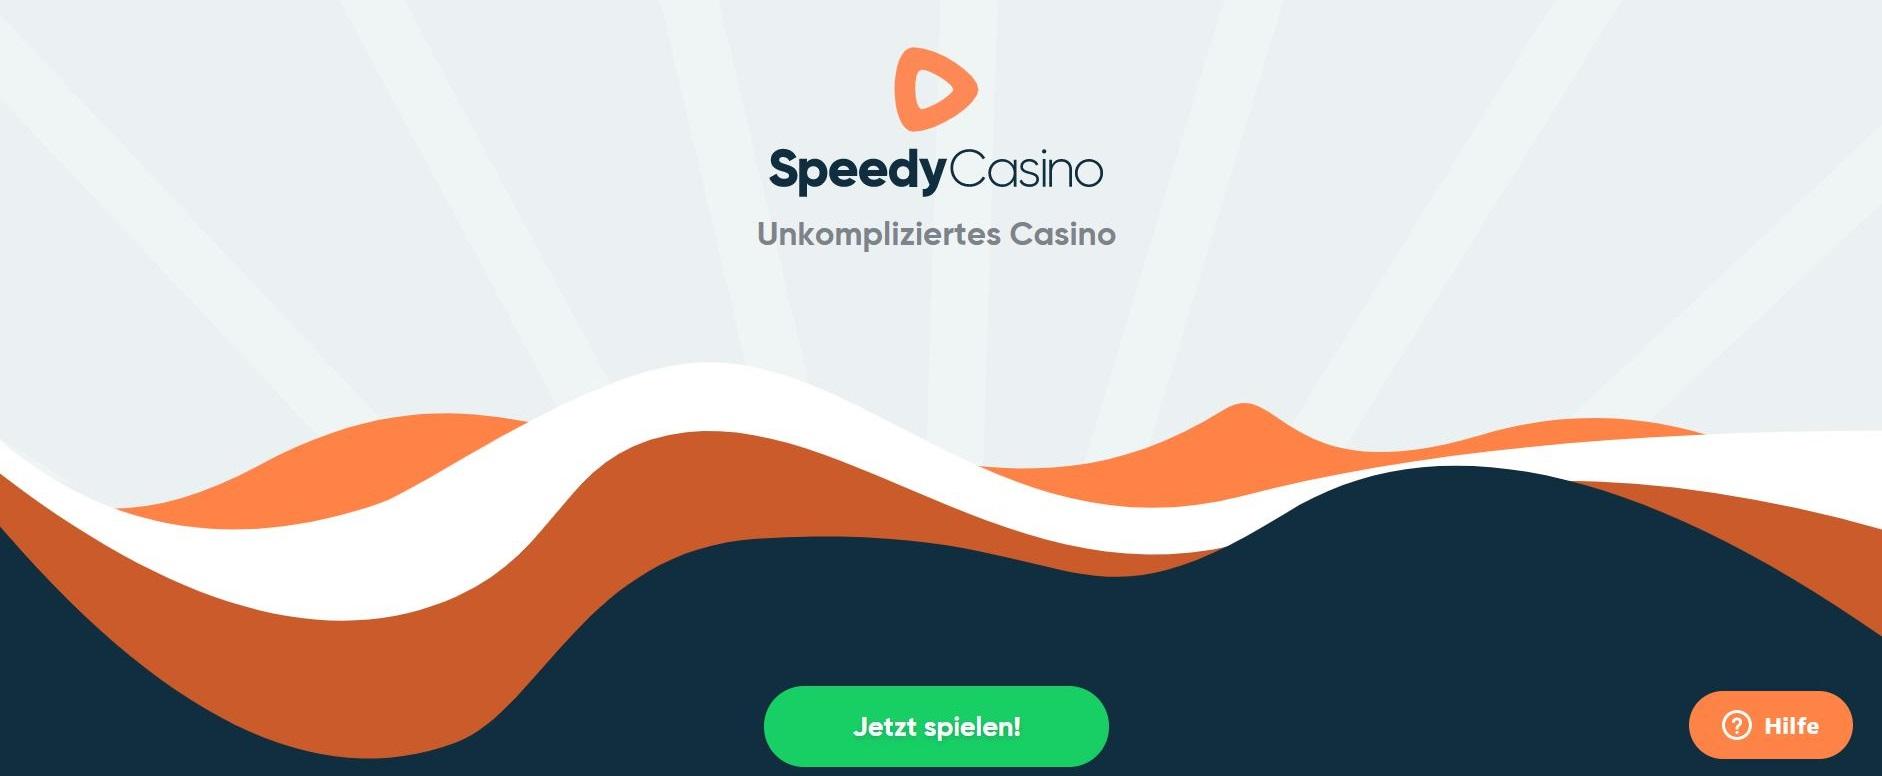 Vorschau zum SpeedyCasino